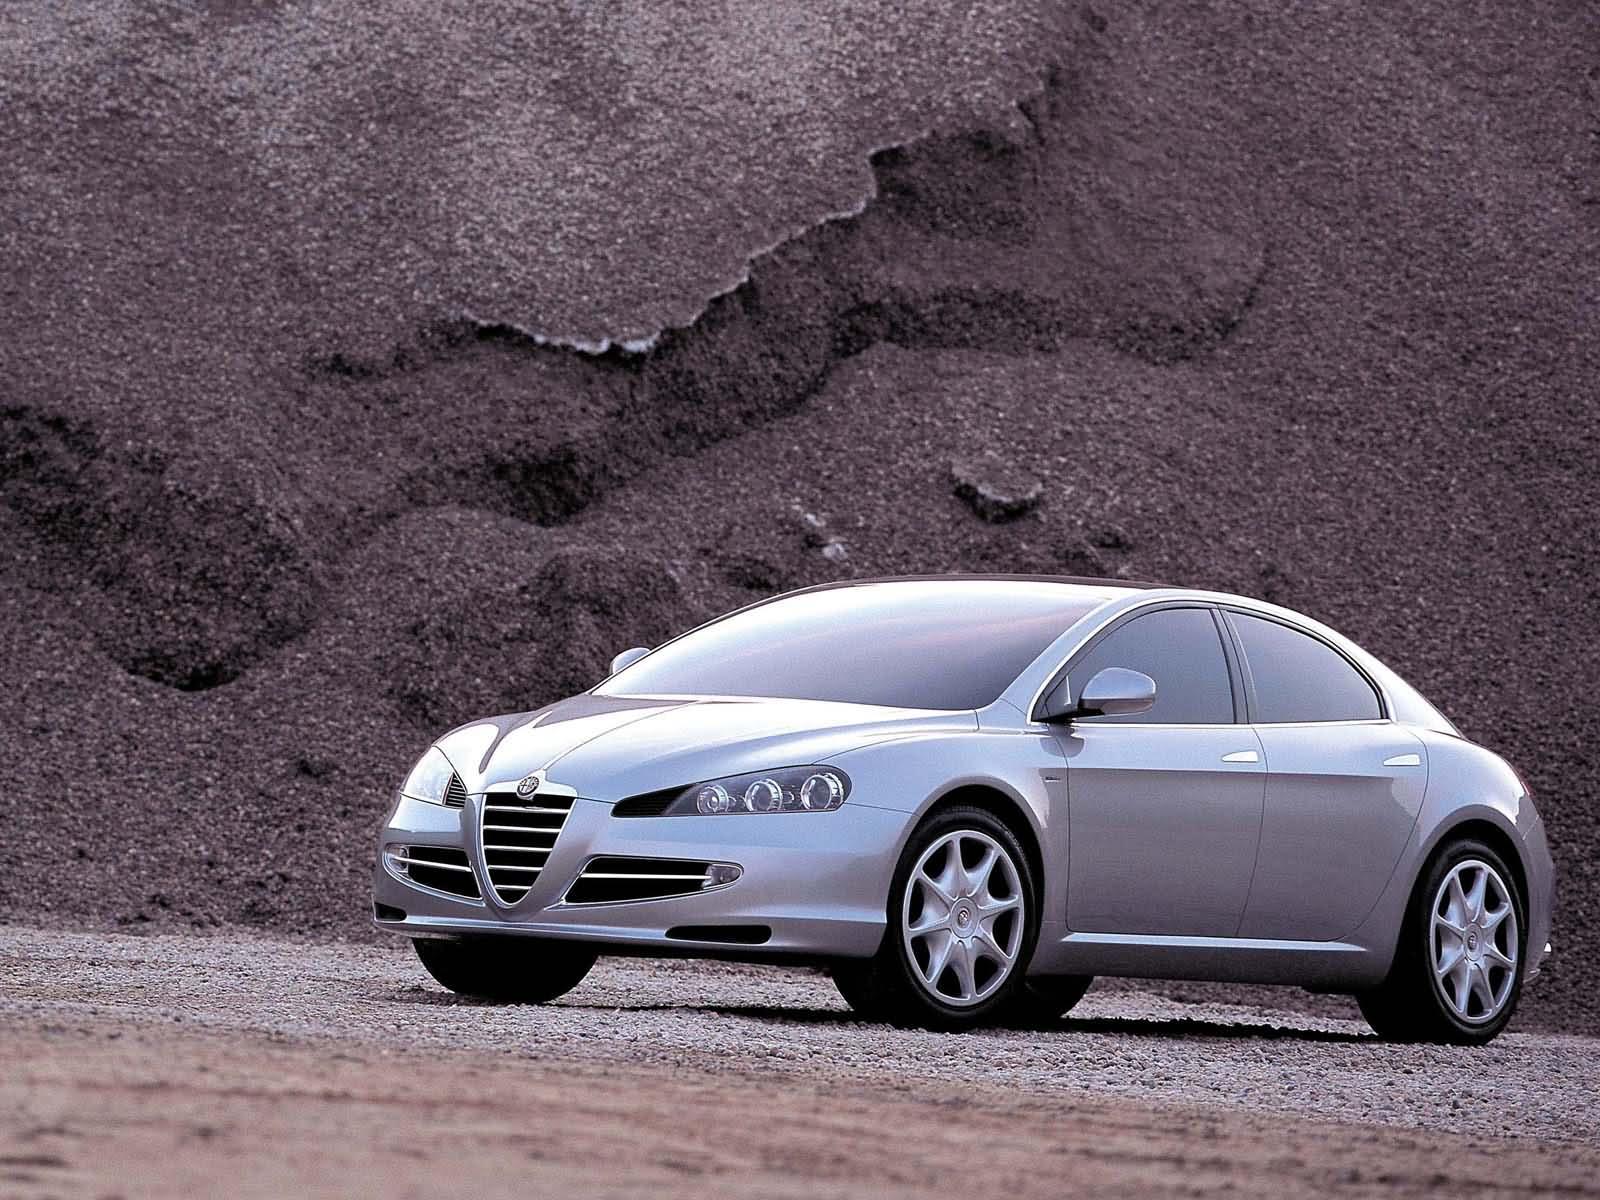 Alfa Romeo164 - Portale 2004_ItalDesign_Alfa-Romeo_Visconti_Concept_02